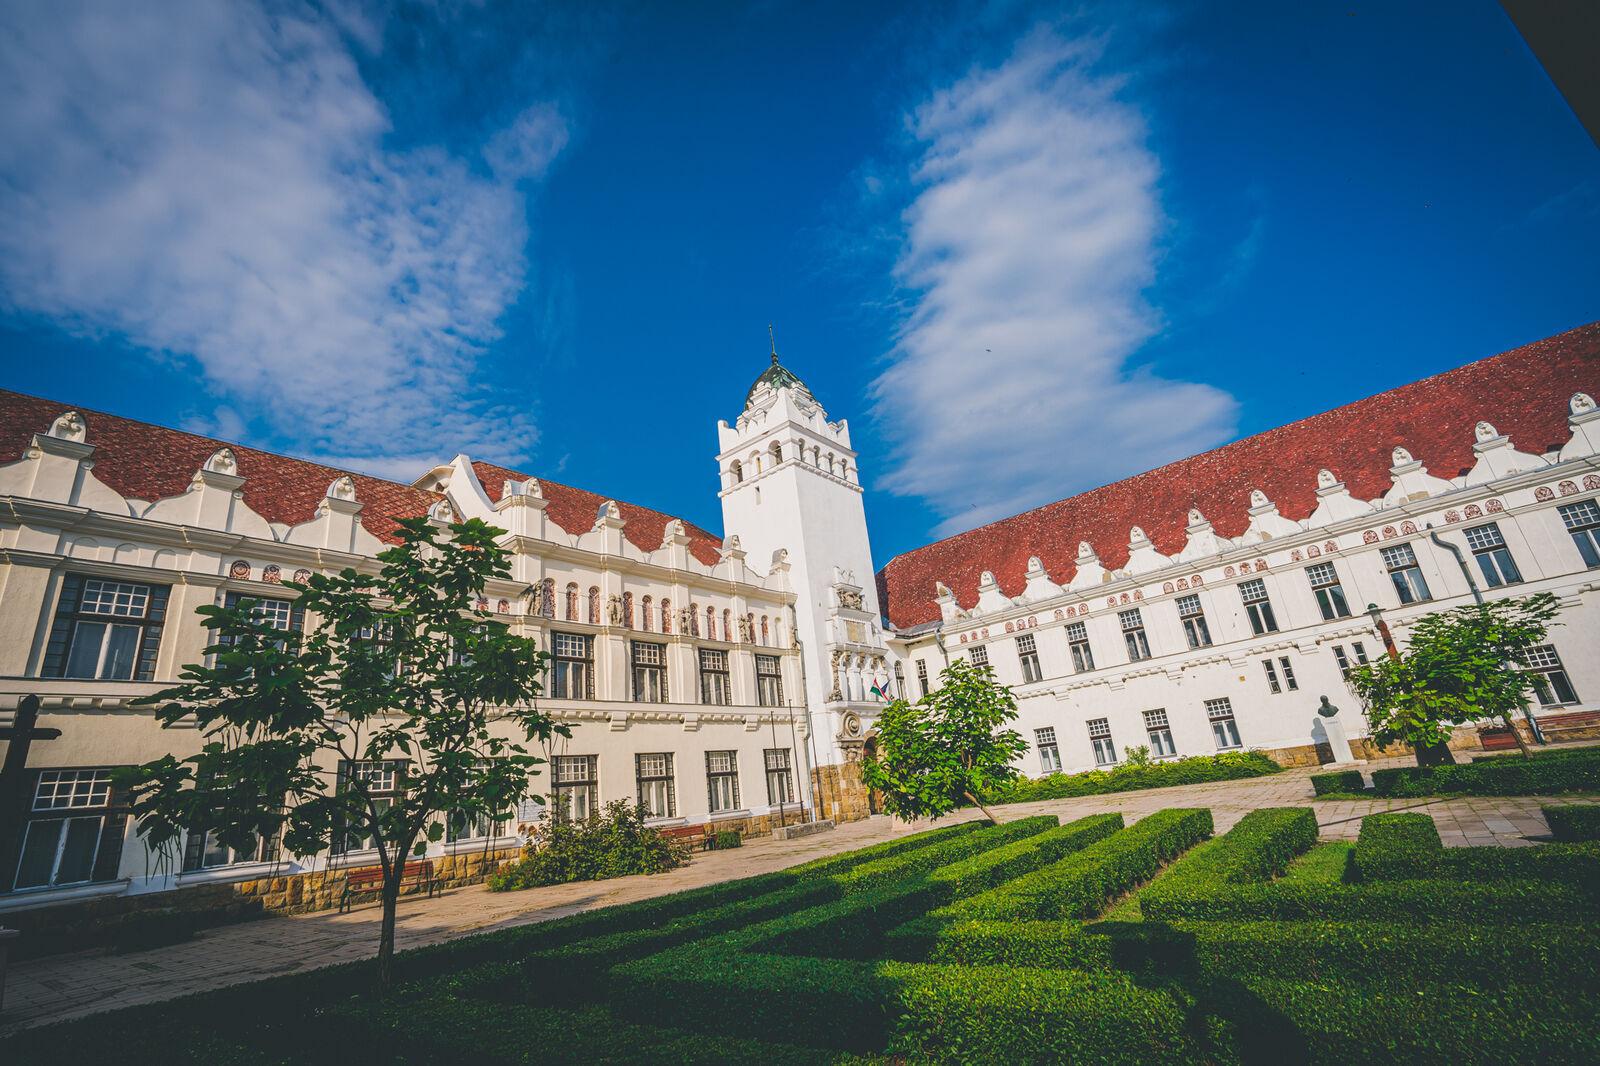 hogy ez egy egyetem)